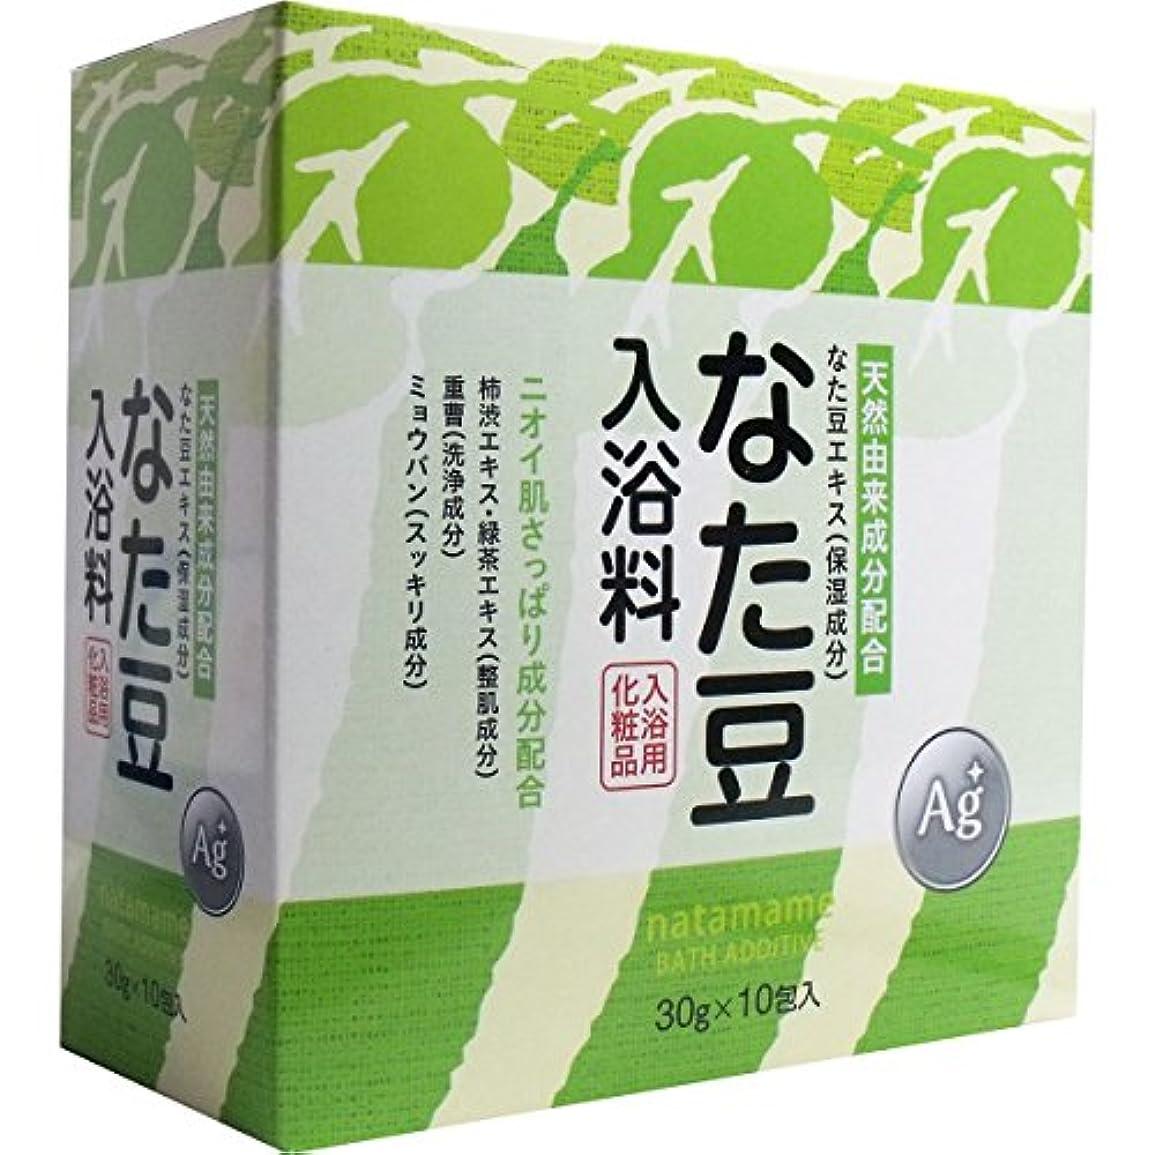 肥料目の前の獲物なた豆入浴料 入浴用化粧品 30g×10包入×2